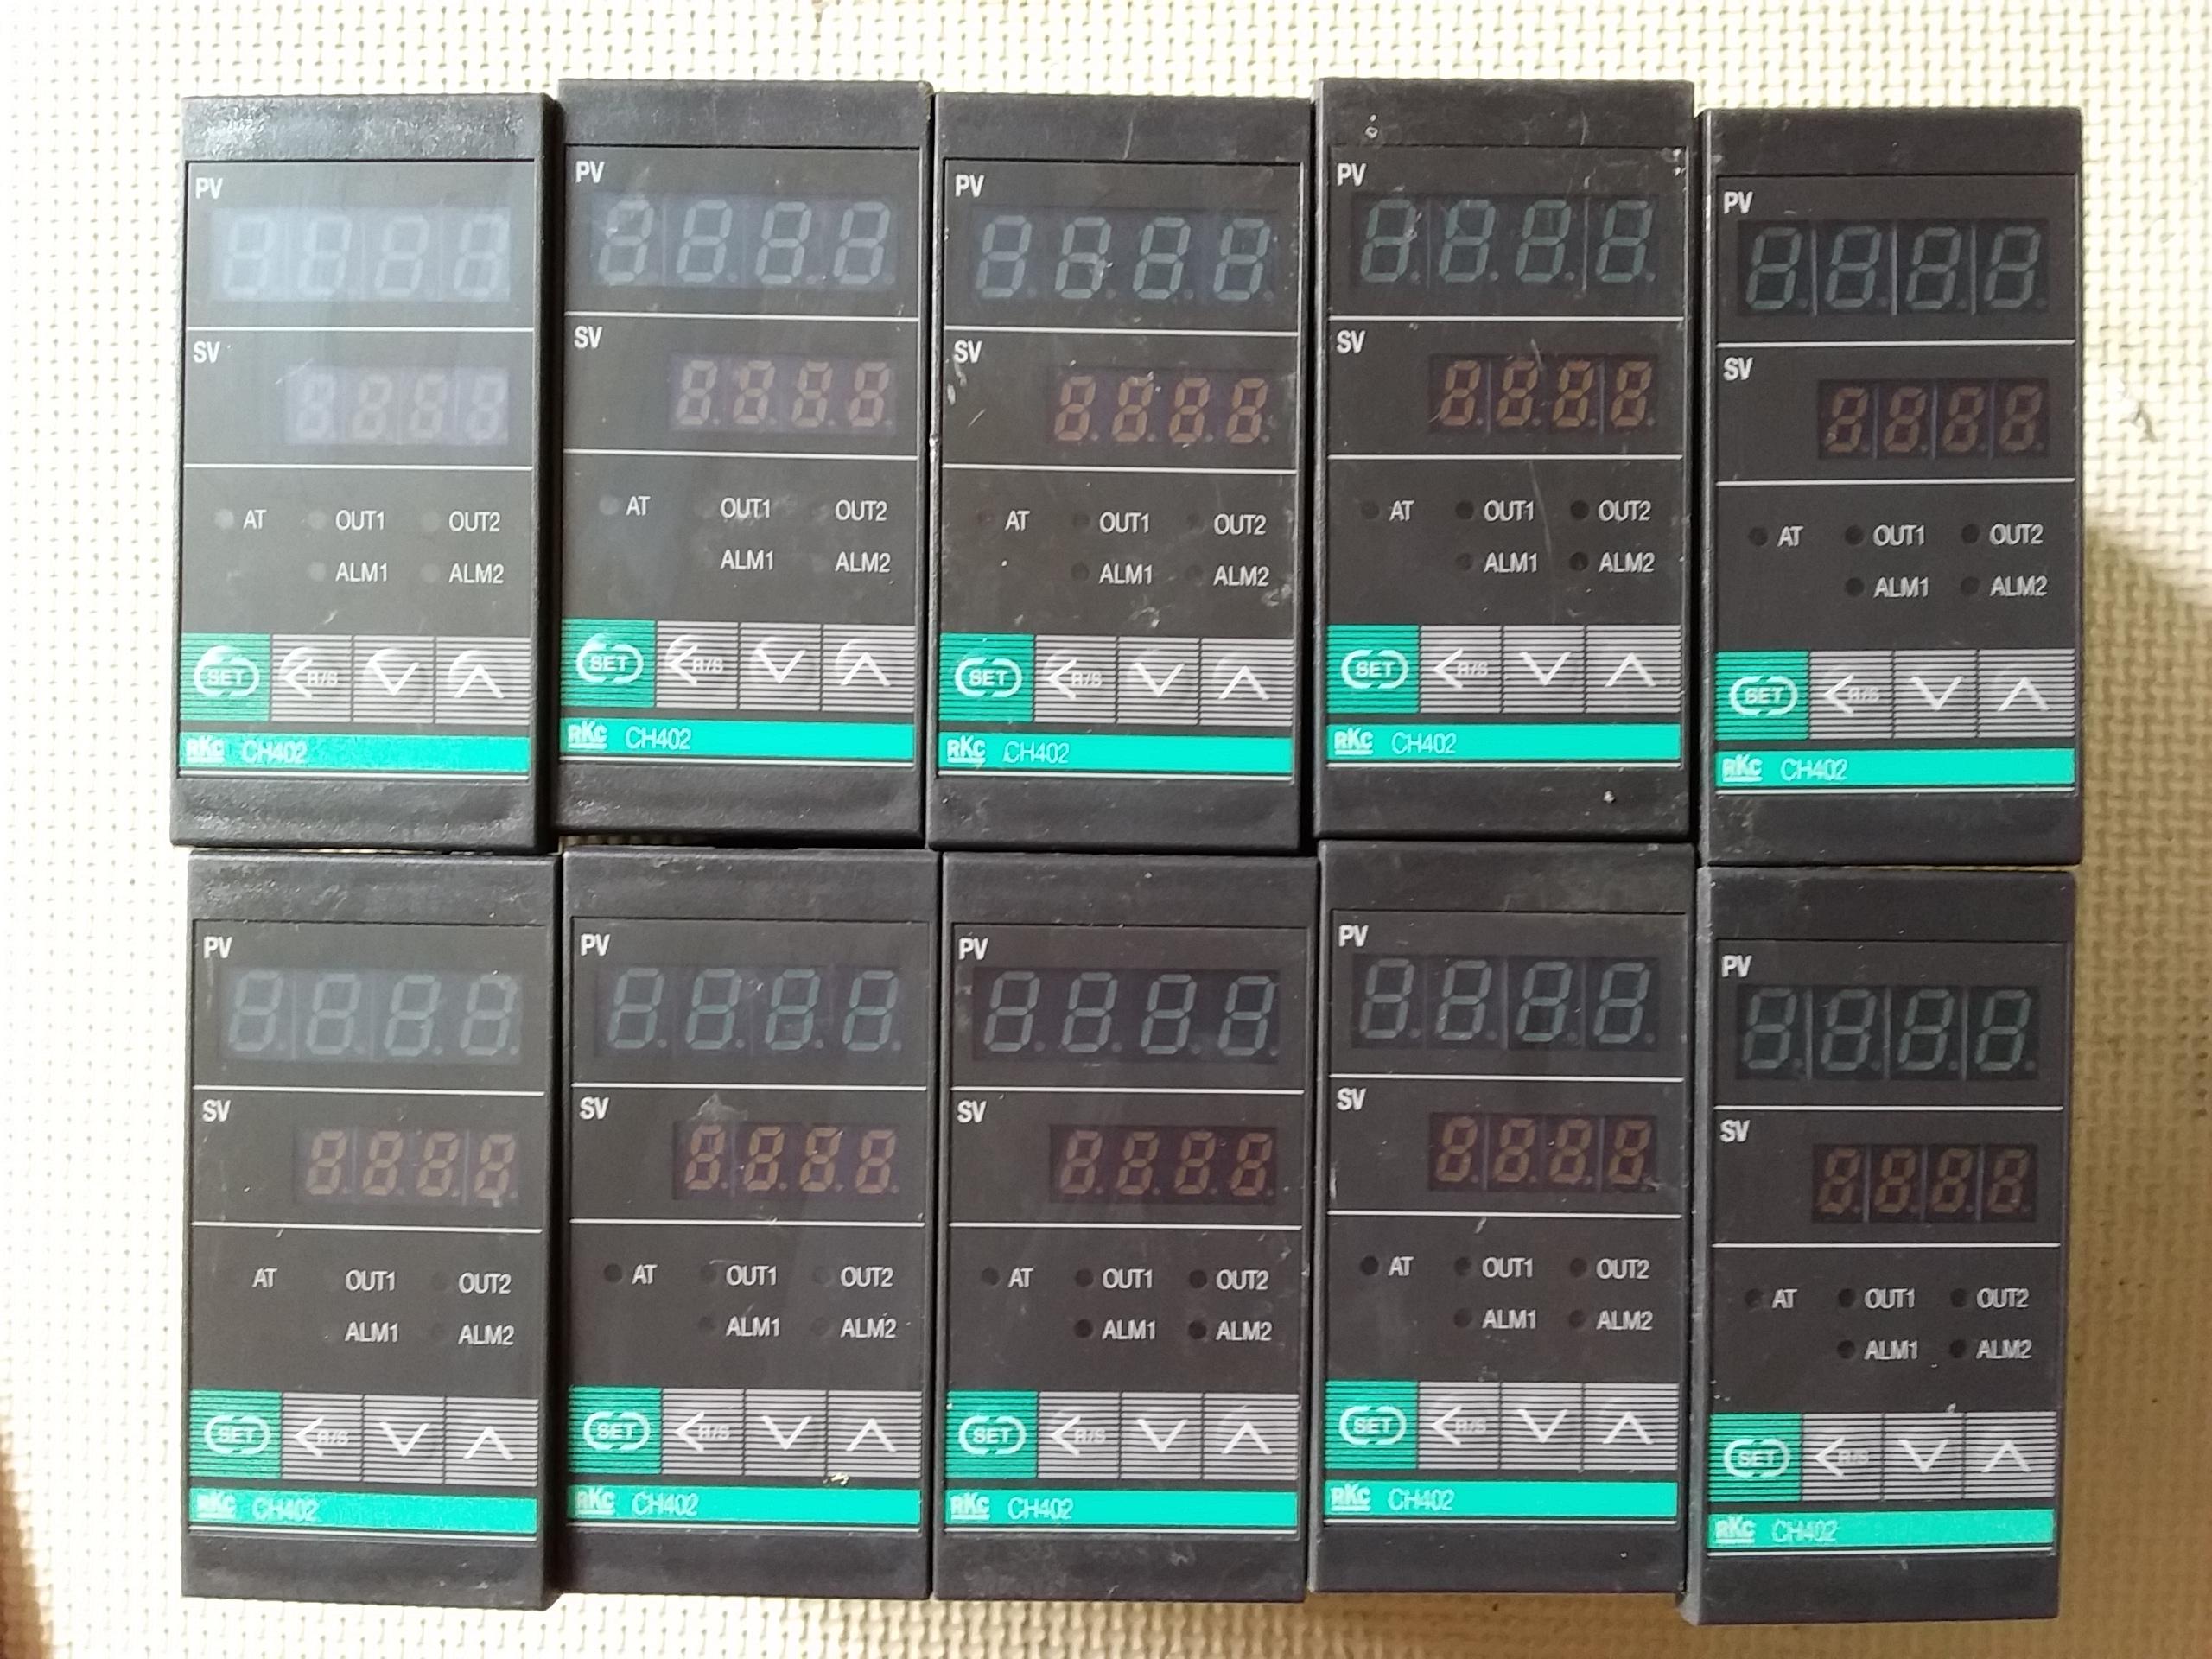 rkc termostat CH402 internă a folosit